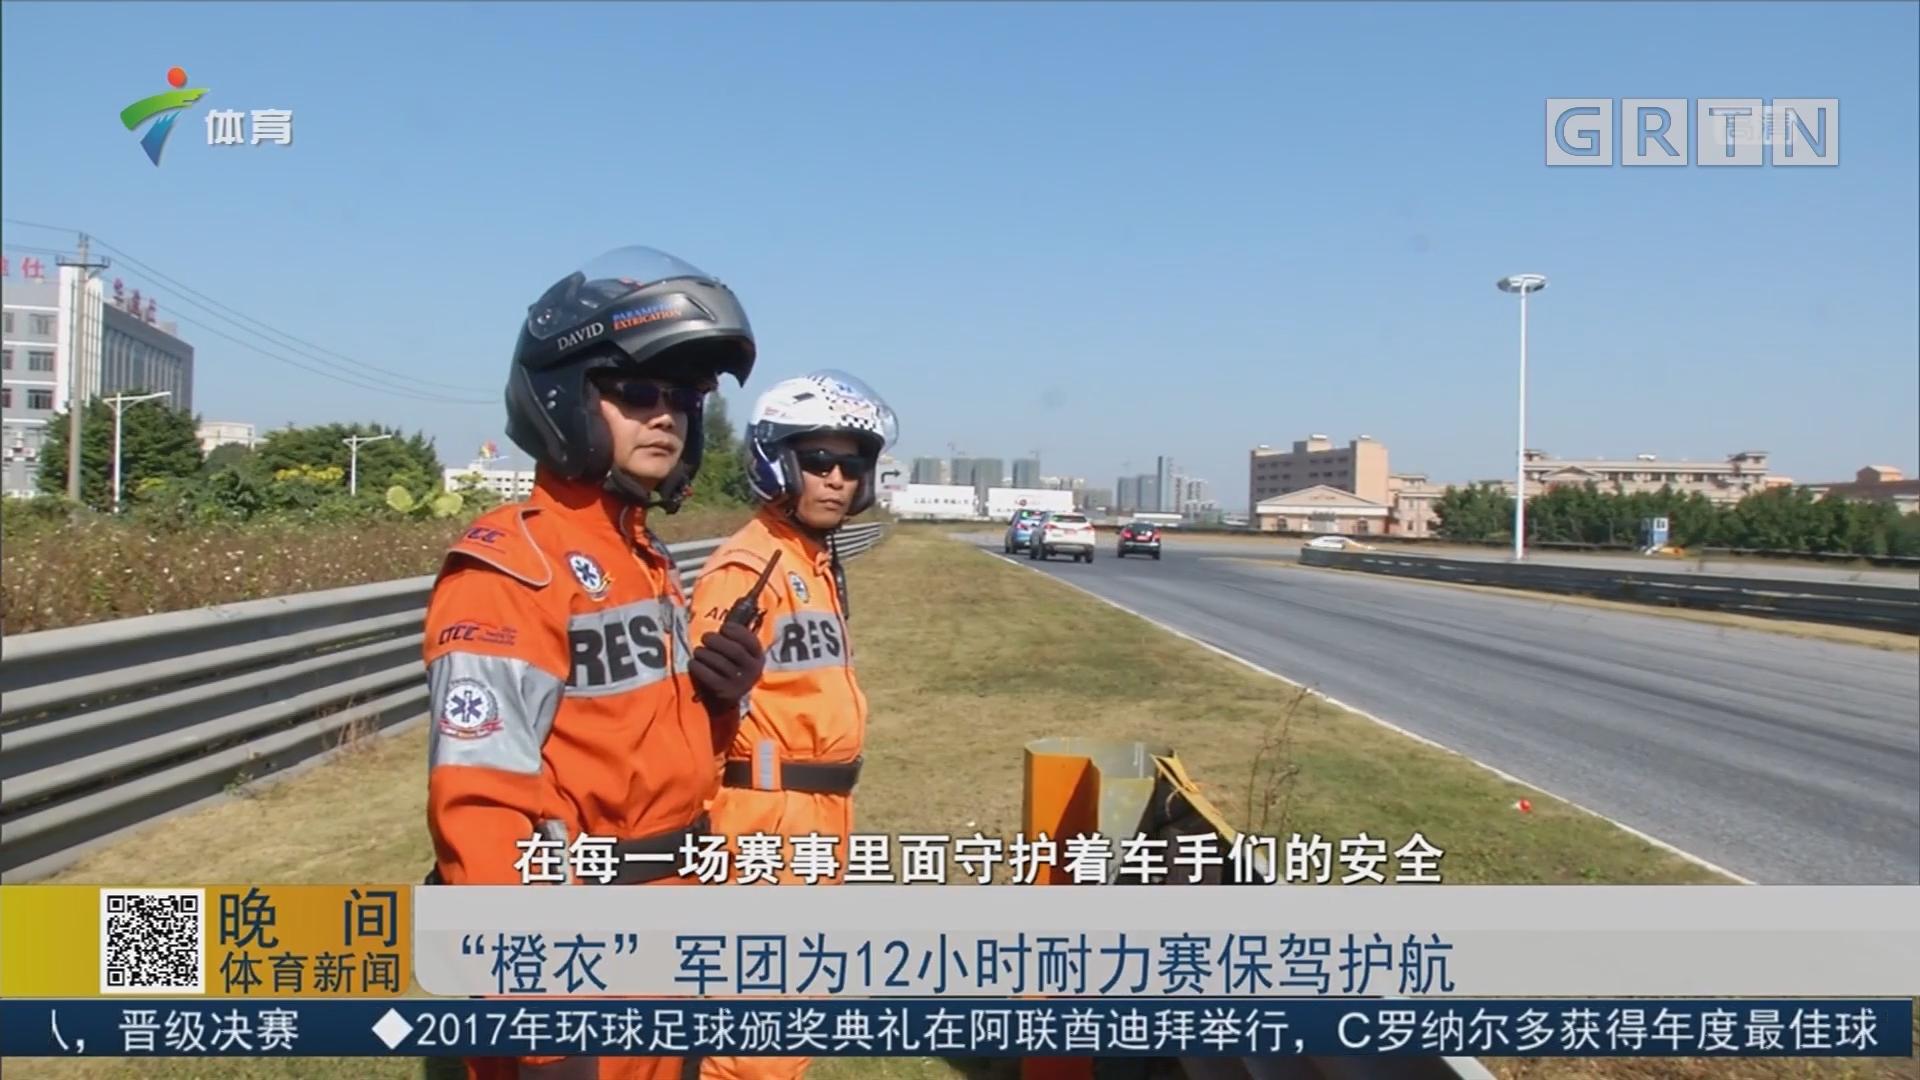 """""""橙衣""""军团为12小时耐力赛保驾护航"""